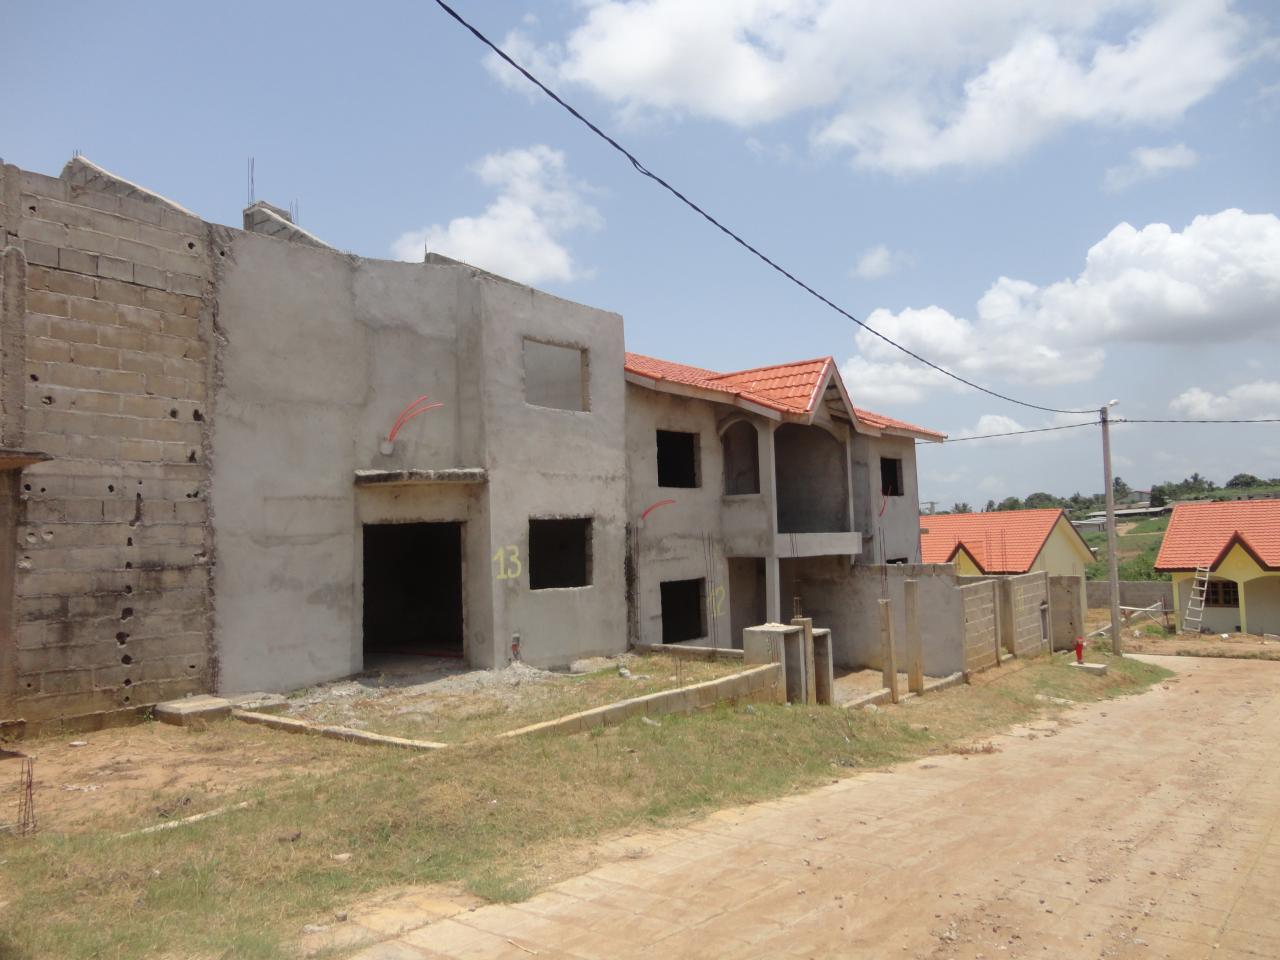 Les Superbes Maisons D Abidjan : Les promoteurs immobiliers en côte d ivoire plaident pour